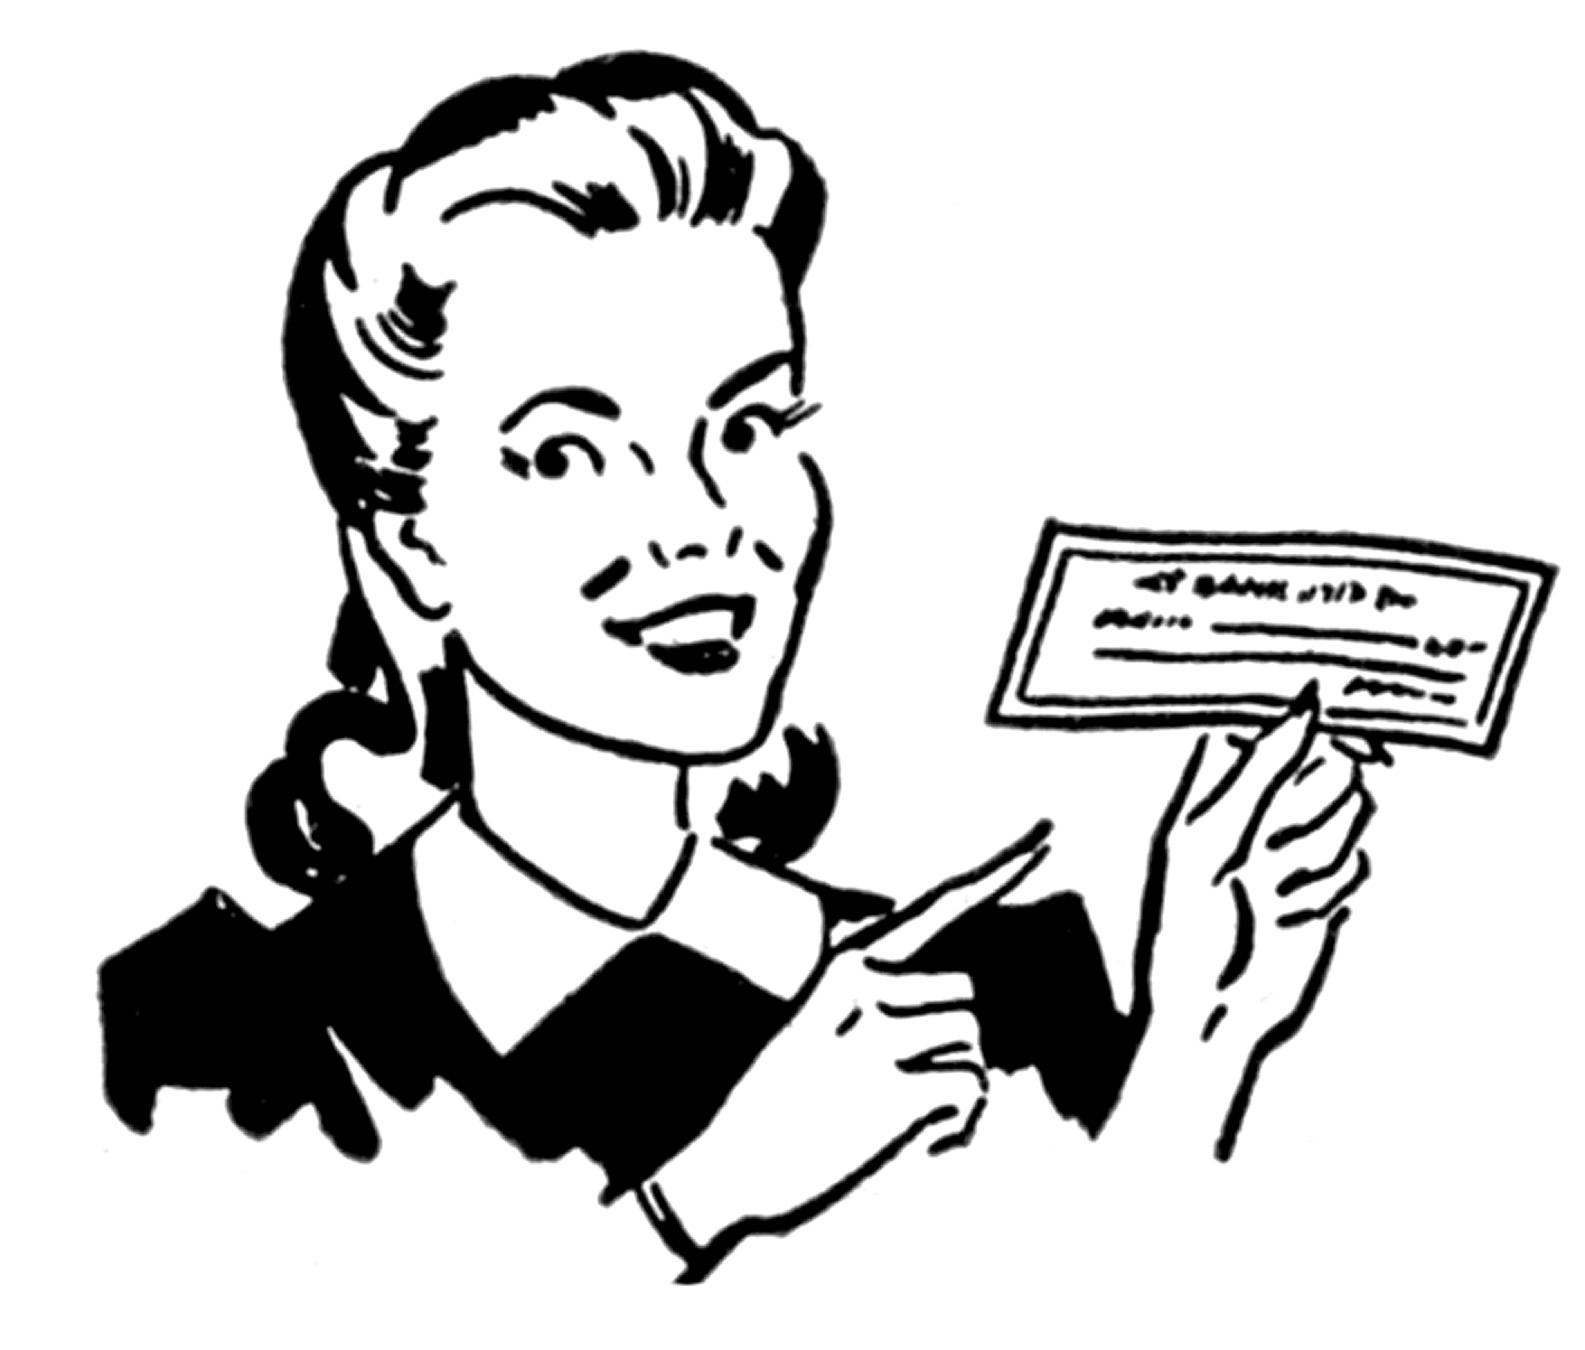 Retro clipart woman clip free Funny retro woman clipart - Cliparting.com clip free